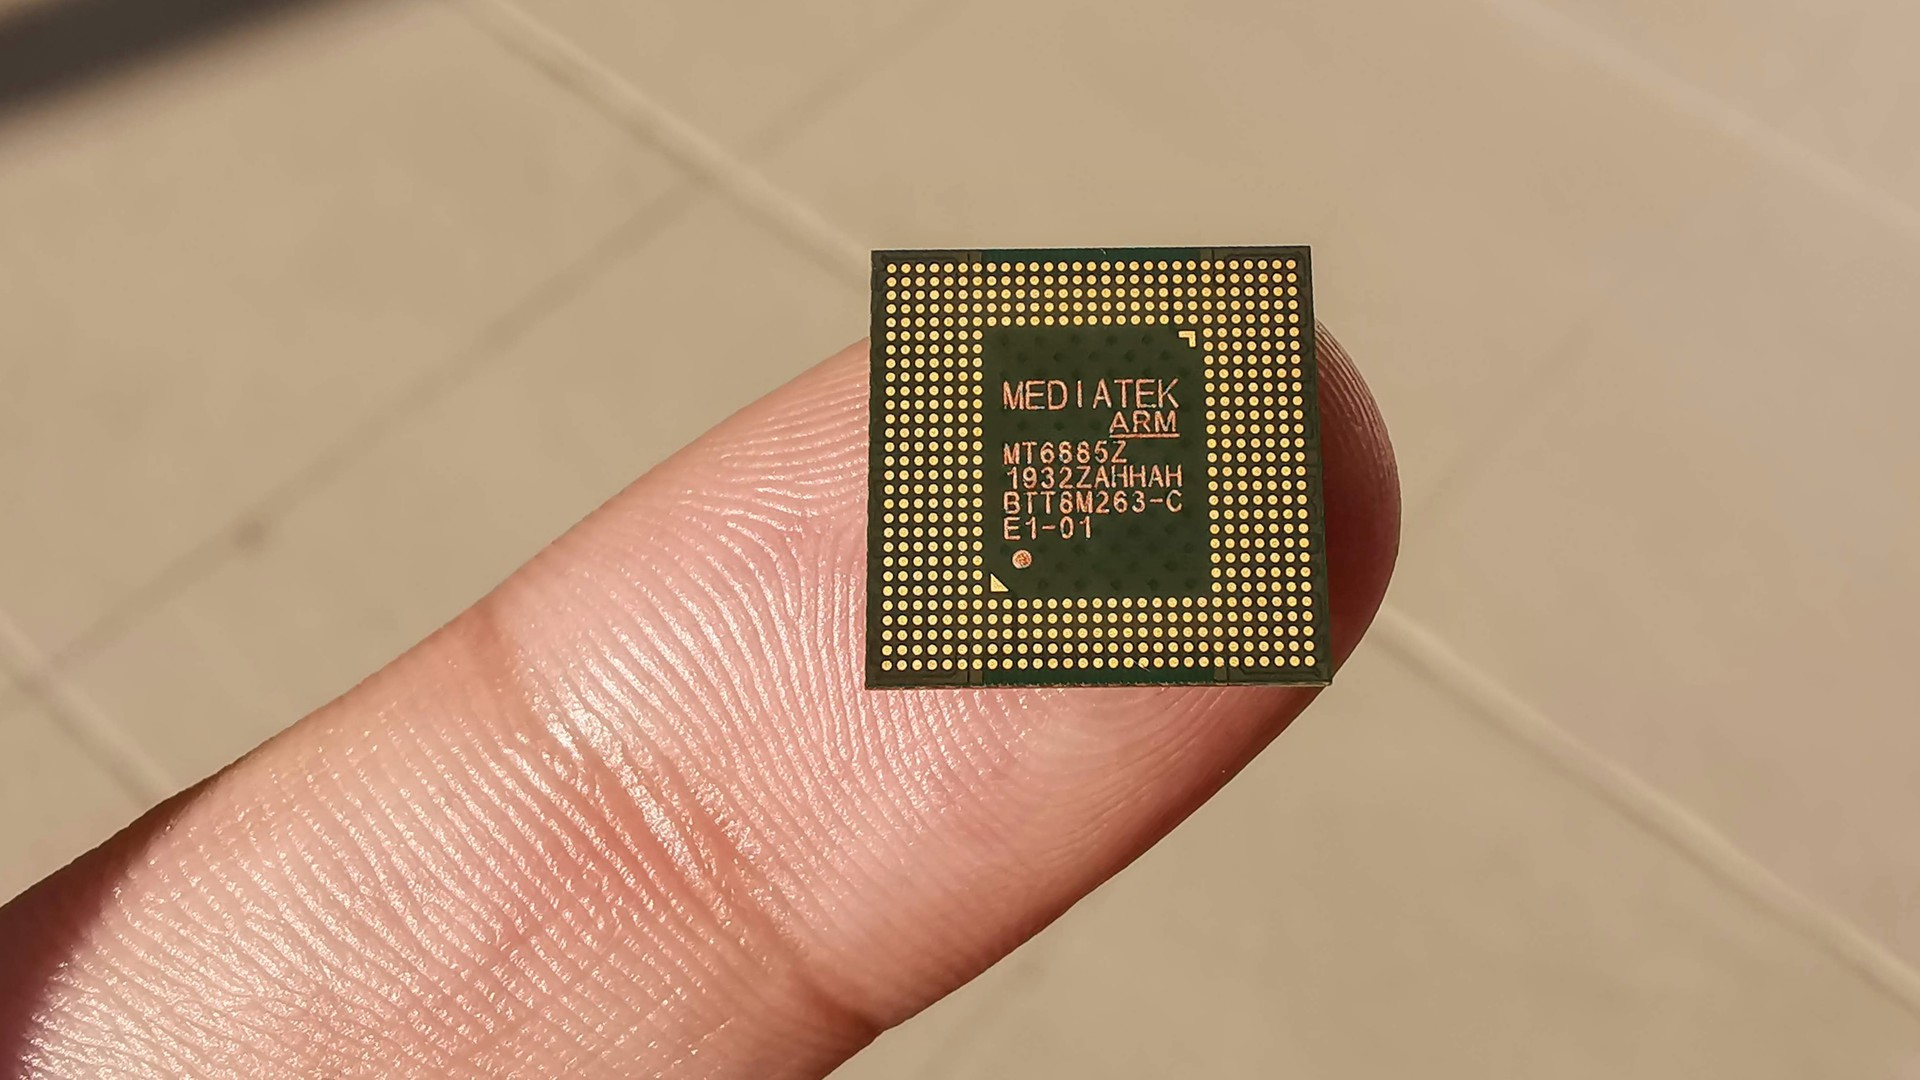 Los chips de MediaTek de nueva generación ofrecerán aumentos de velocidad para teléfonos de bajo costo